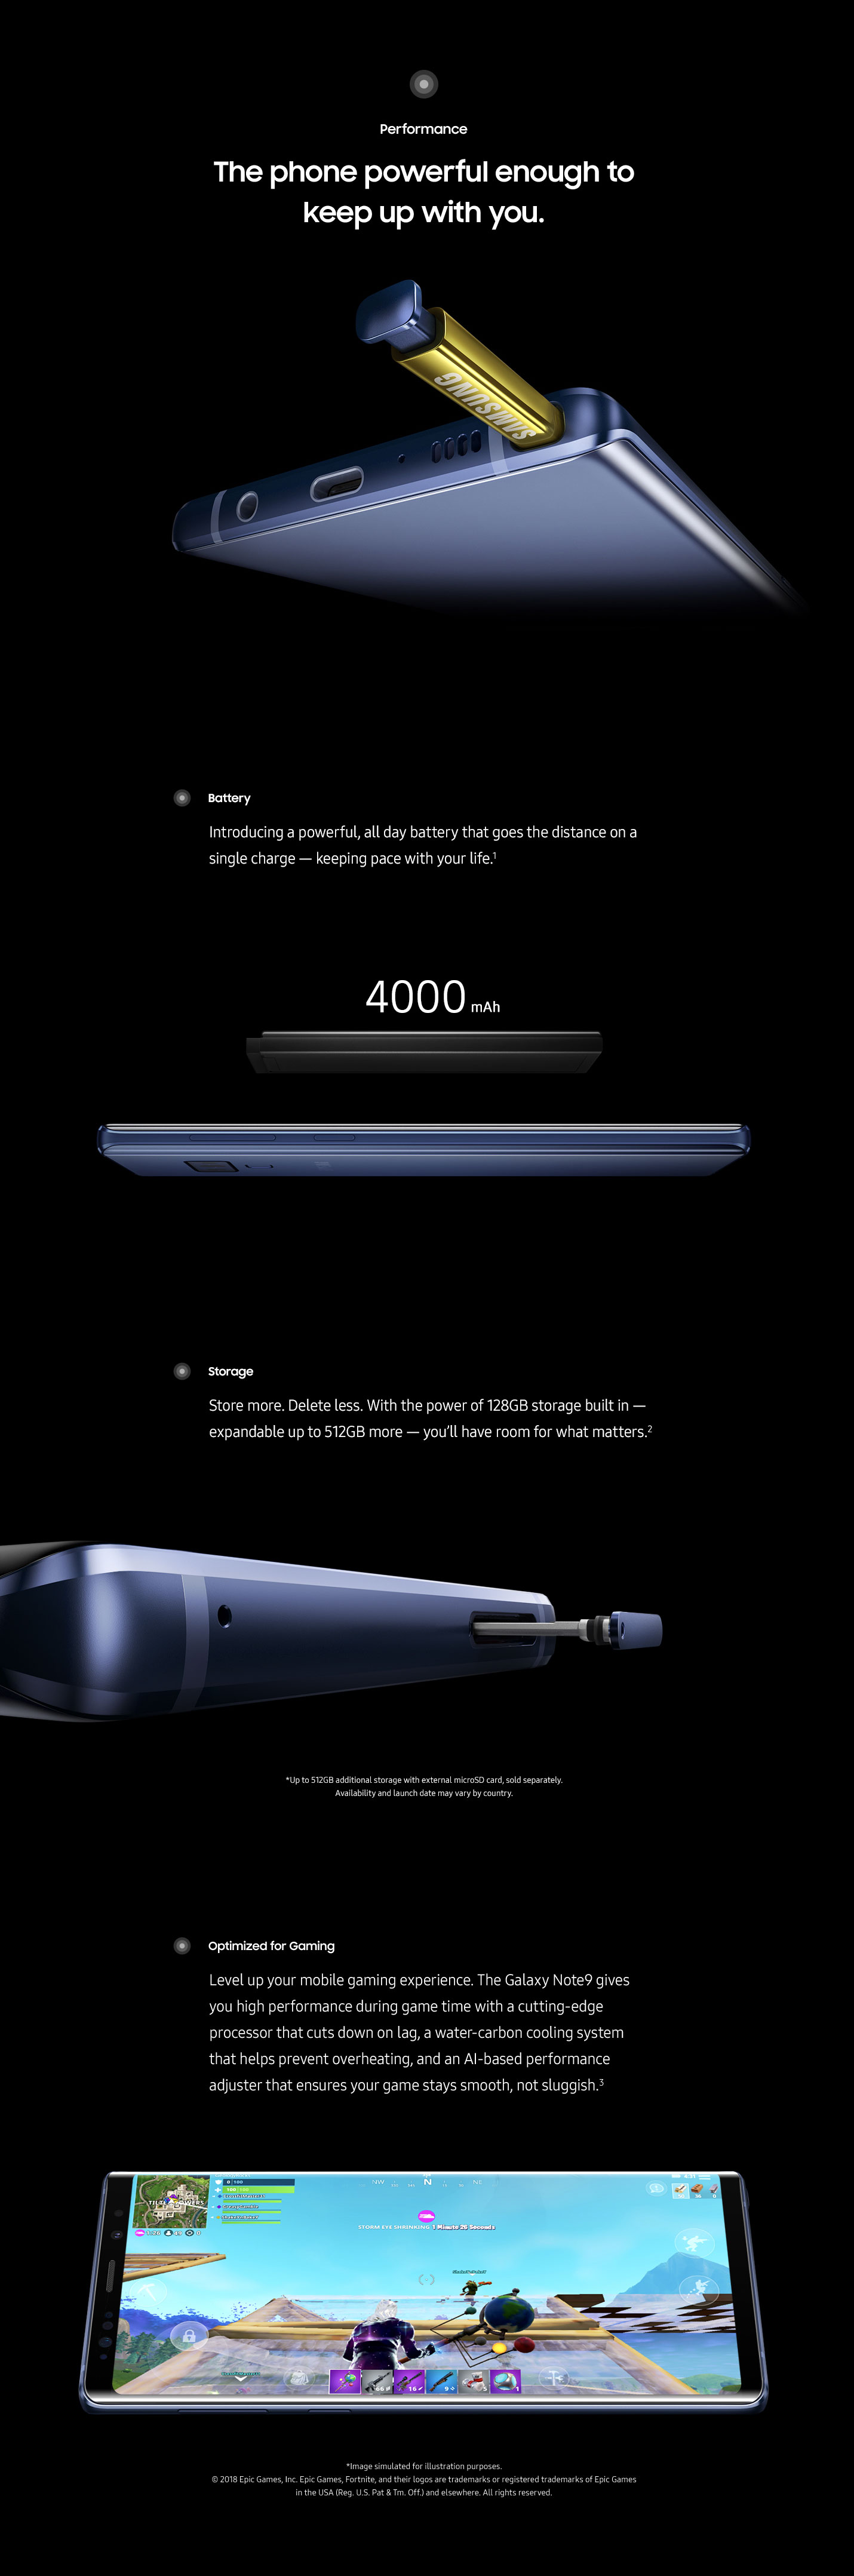 Samsung Galaxy Note 9 | JB Hi-Fi